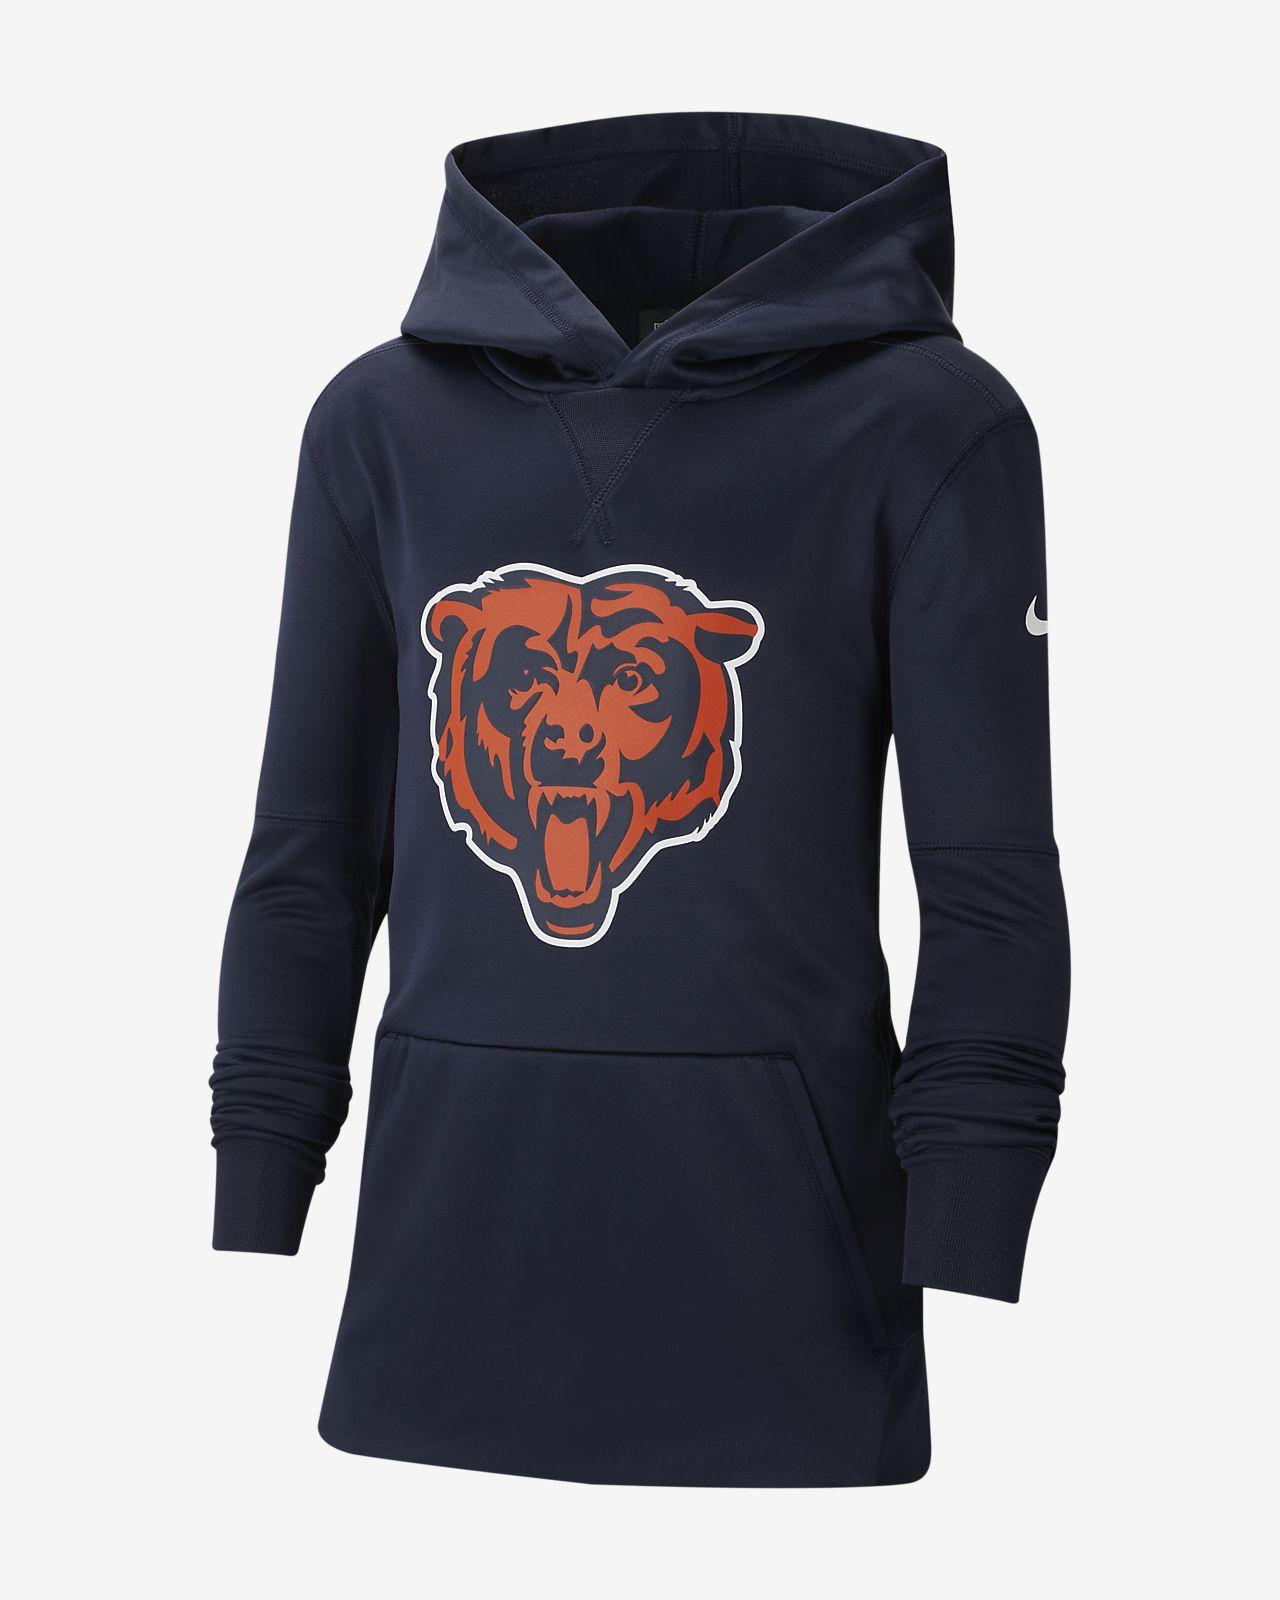 Nike (NFL Bears) Big Kids' Logo Hoodie